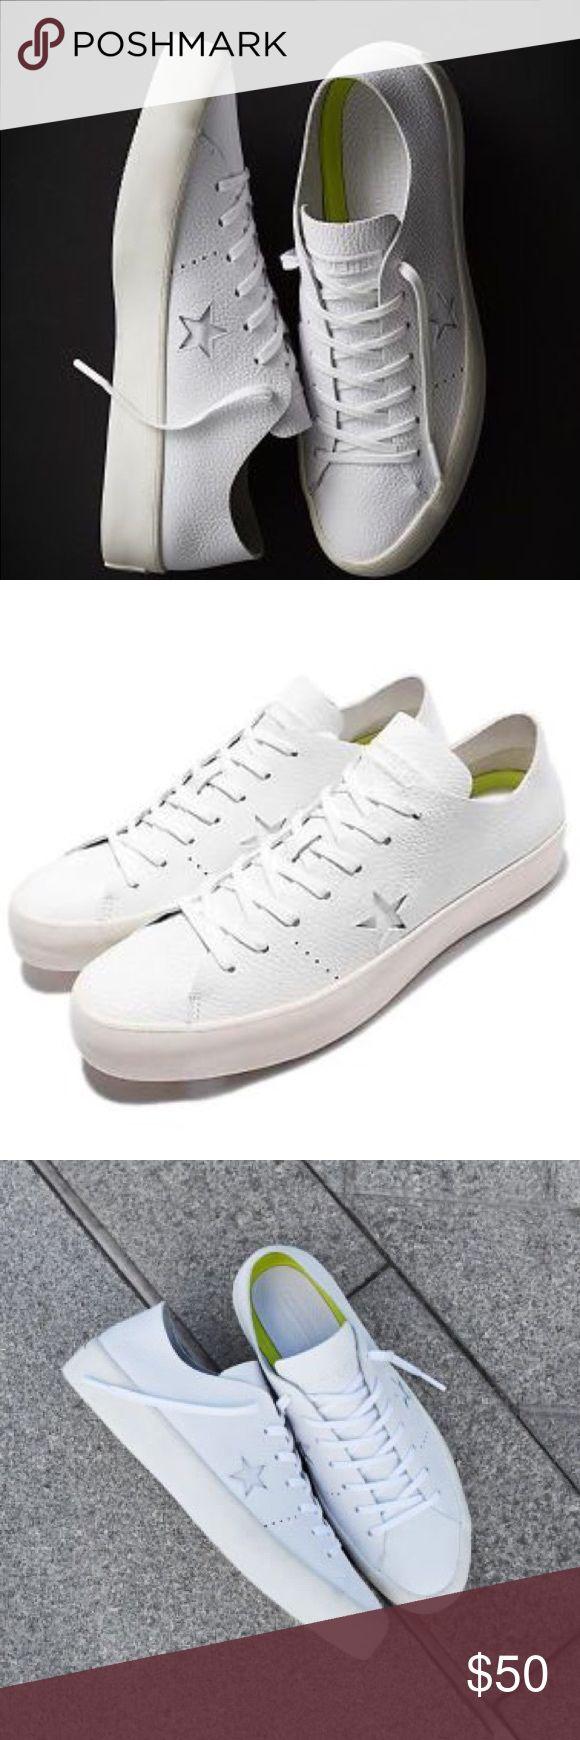 lunarlon insole for sale lebron 1 shoes for sale